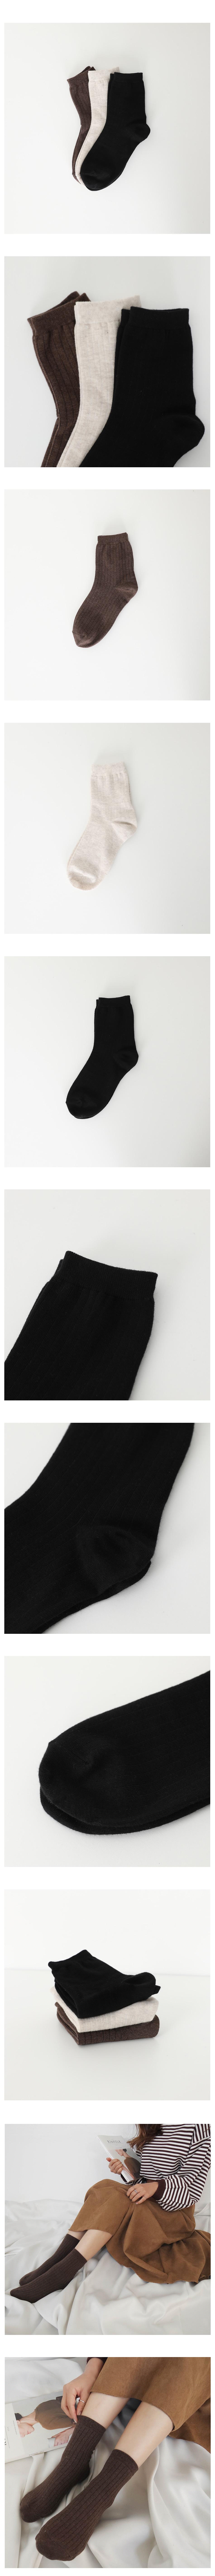 細羅紋收束高棉量中筒襪